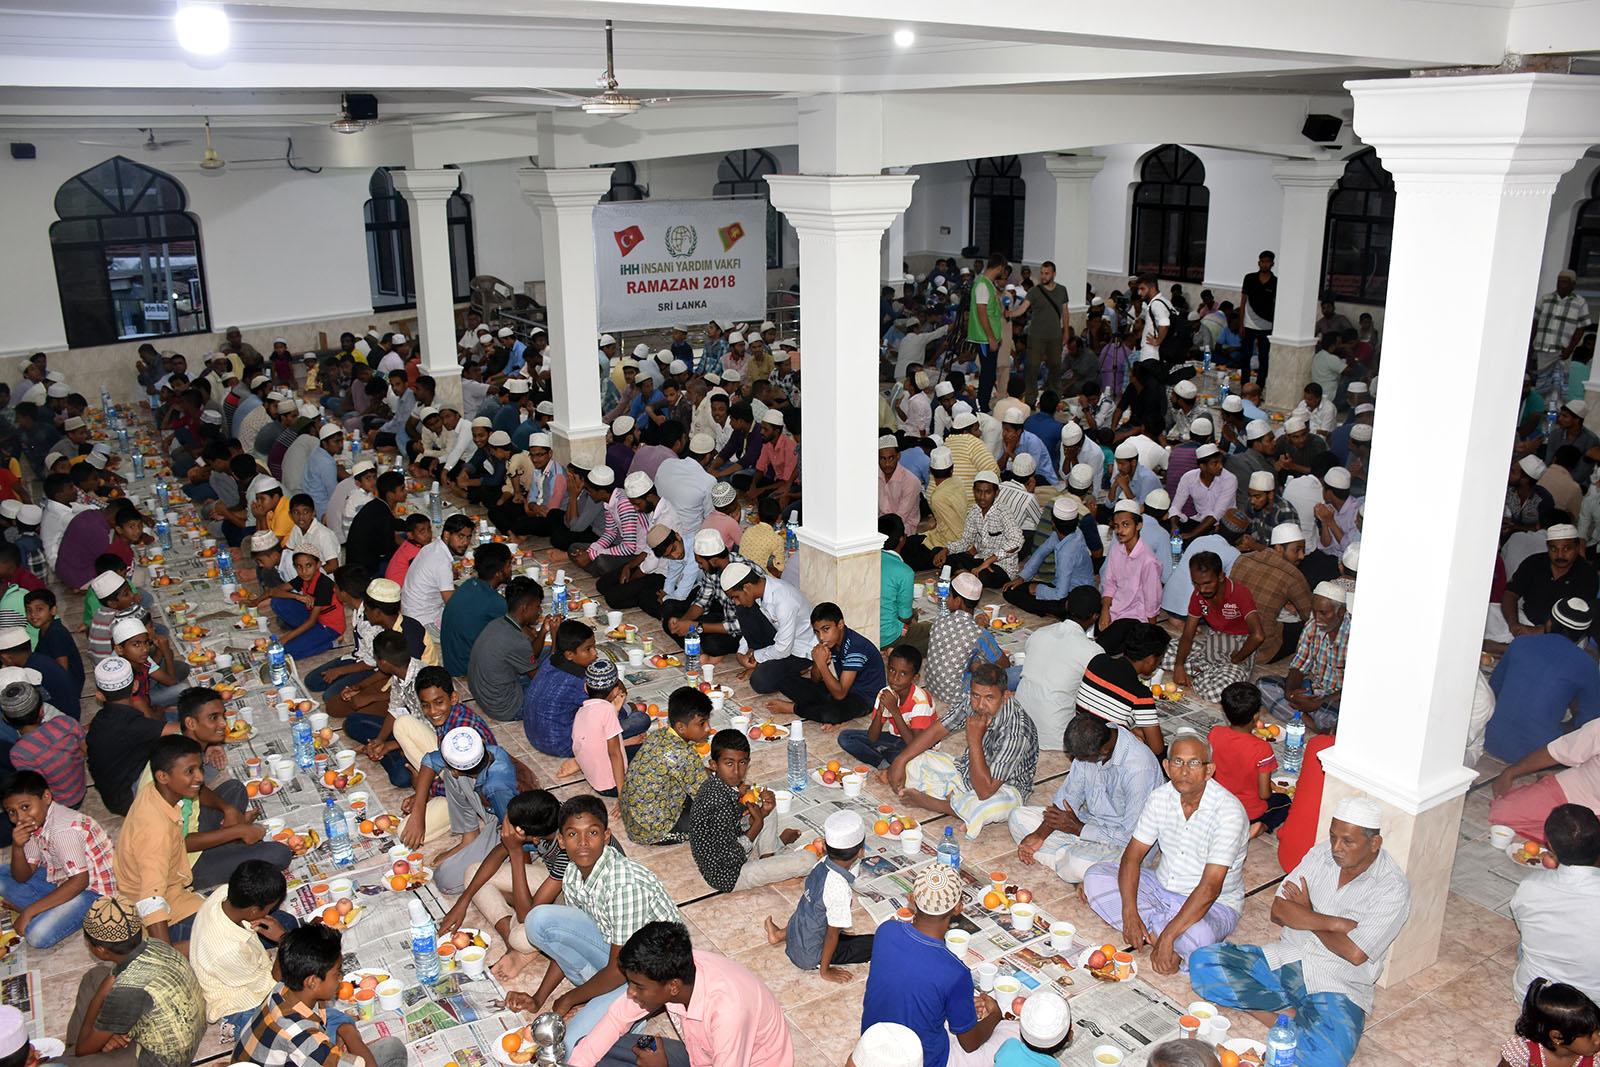 ramazan-birlikte-guzel12.jpg